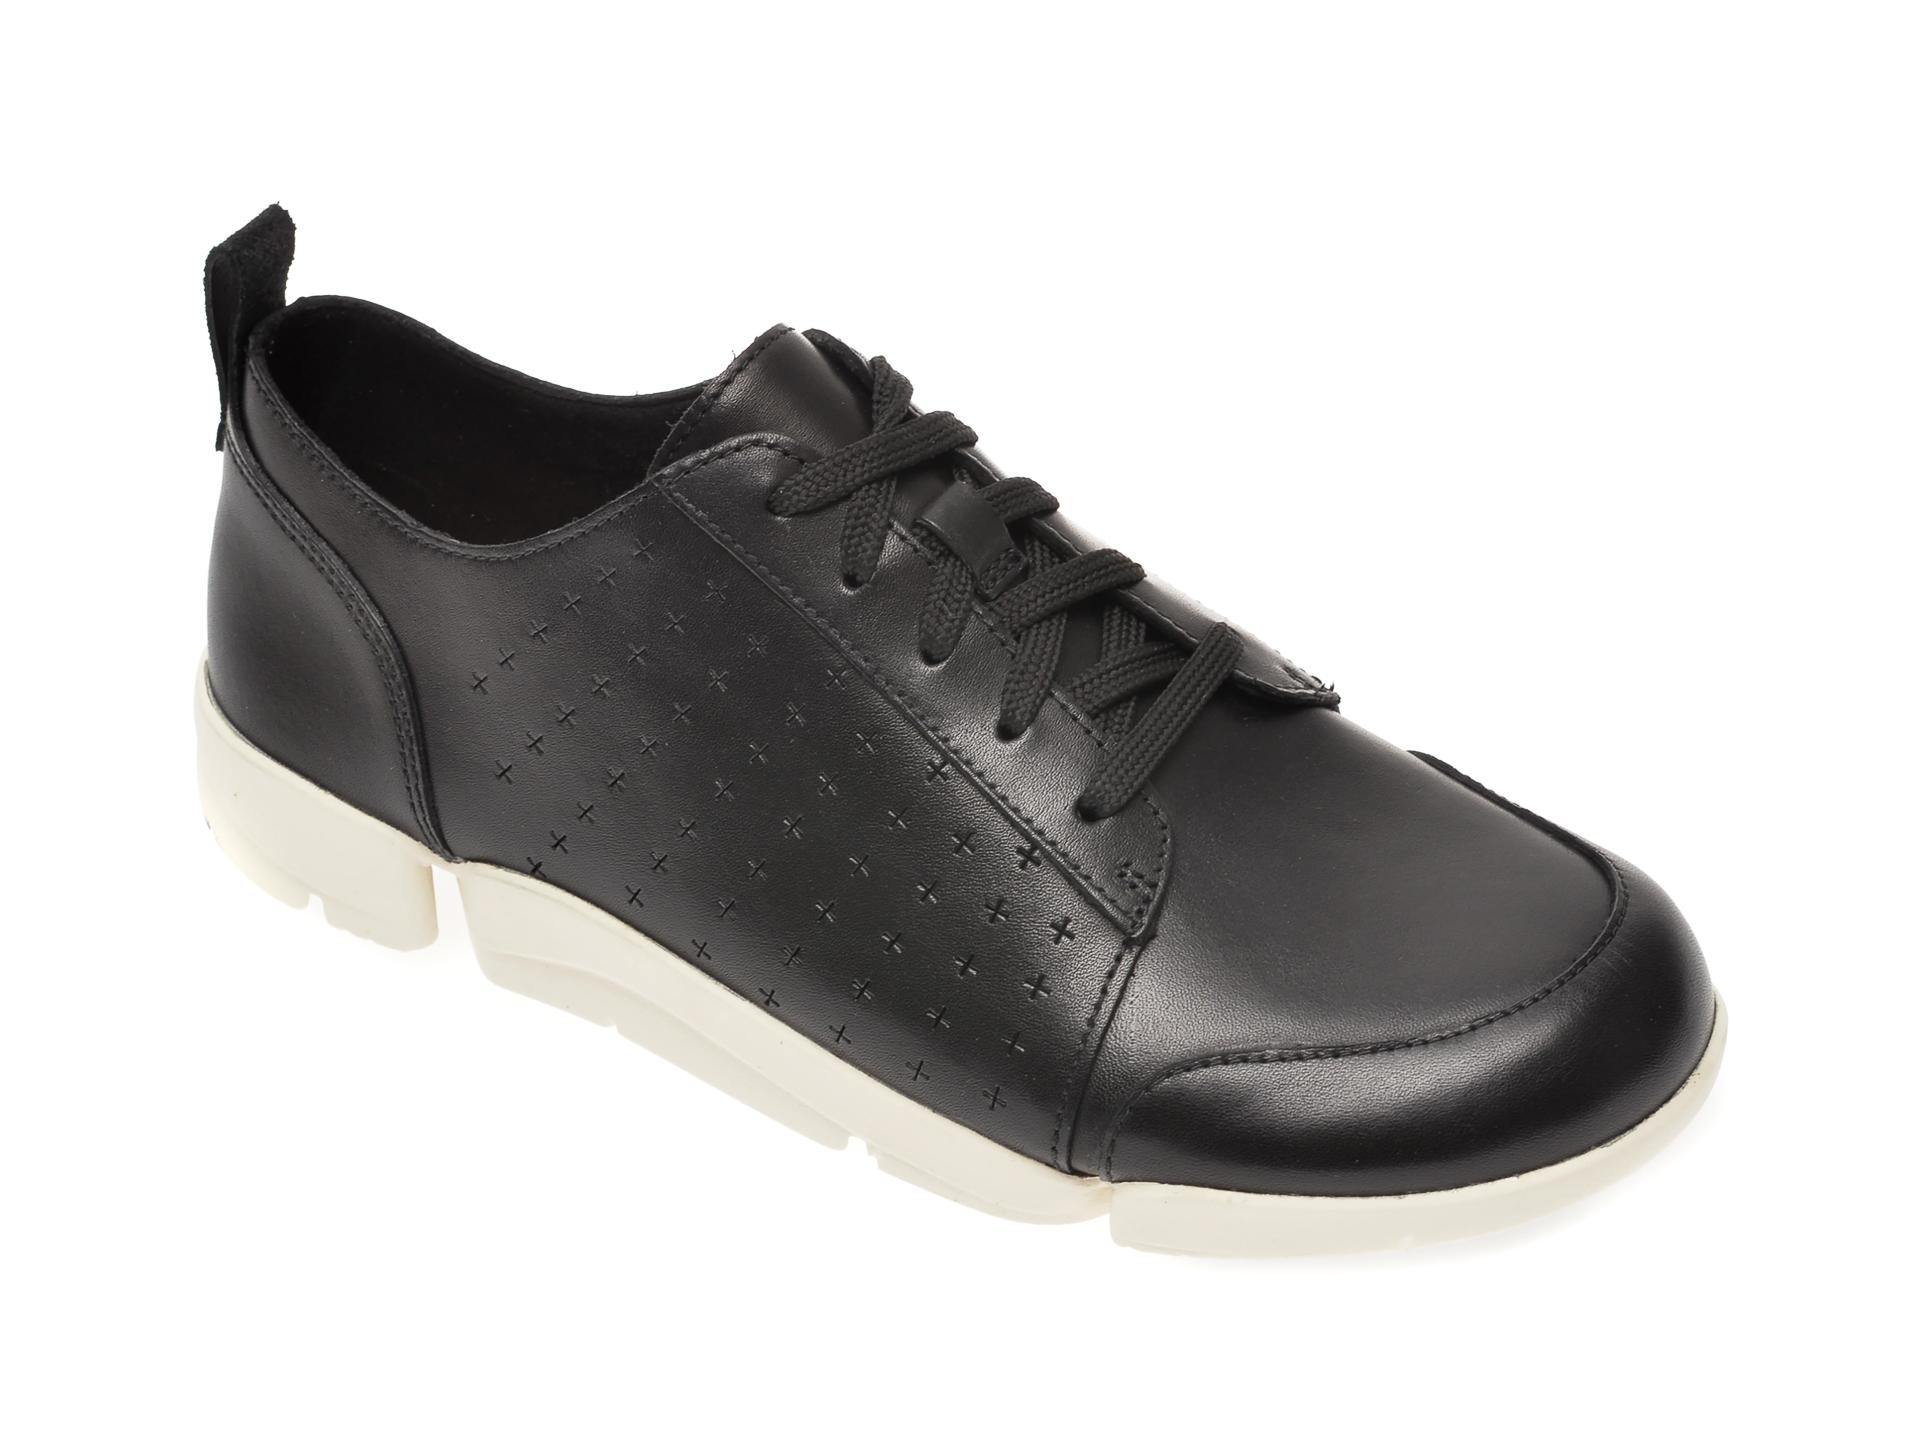 Pantofi CLARKS negri, TriAmelia Edge, din piele naturala